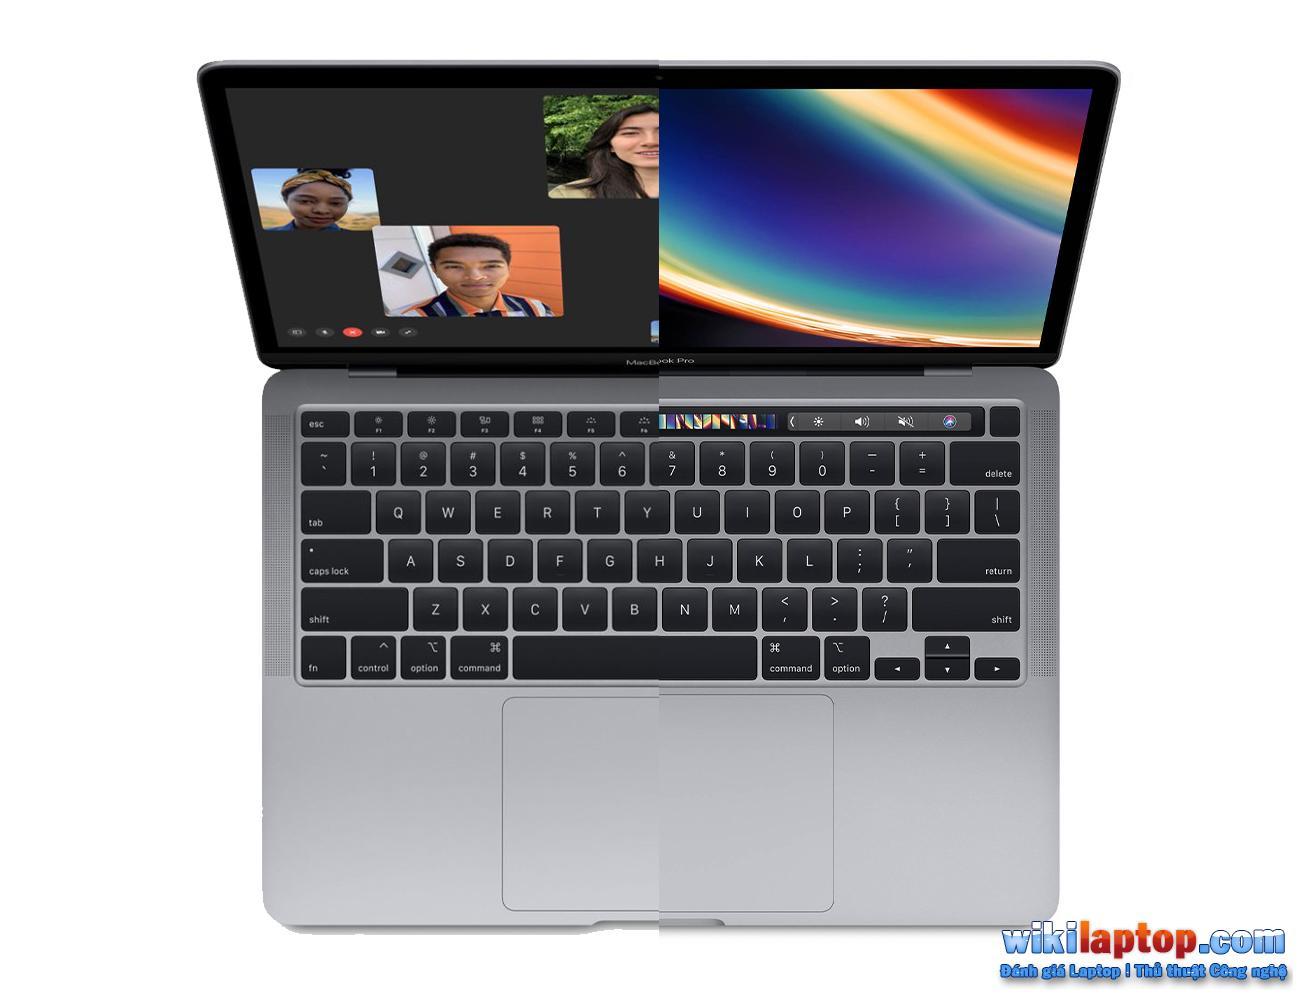 Sforum - Trang thông tin công nghệ mới nhất MacBook Air 2020 và MacBook Pro 2020 13 inch: Tùy chọn nào phù hợp với chi phí và nhu cầu?